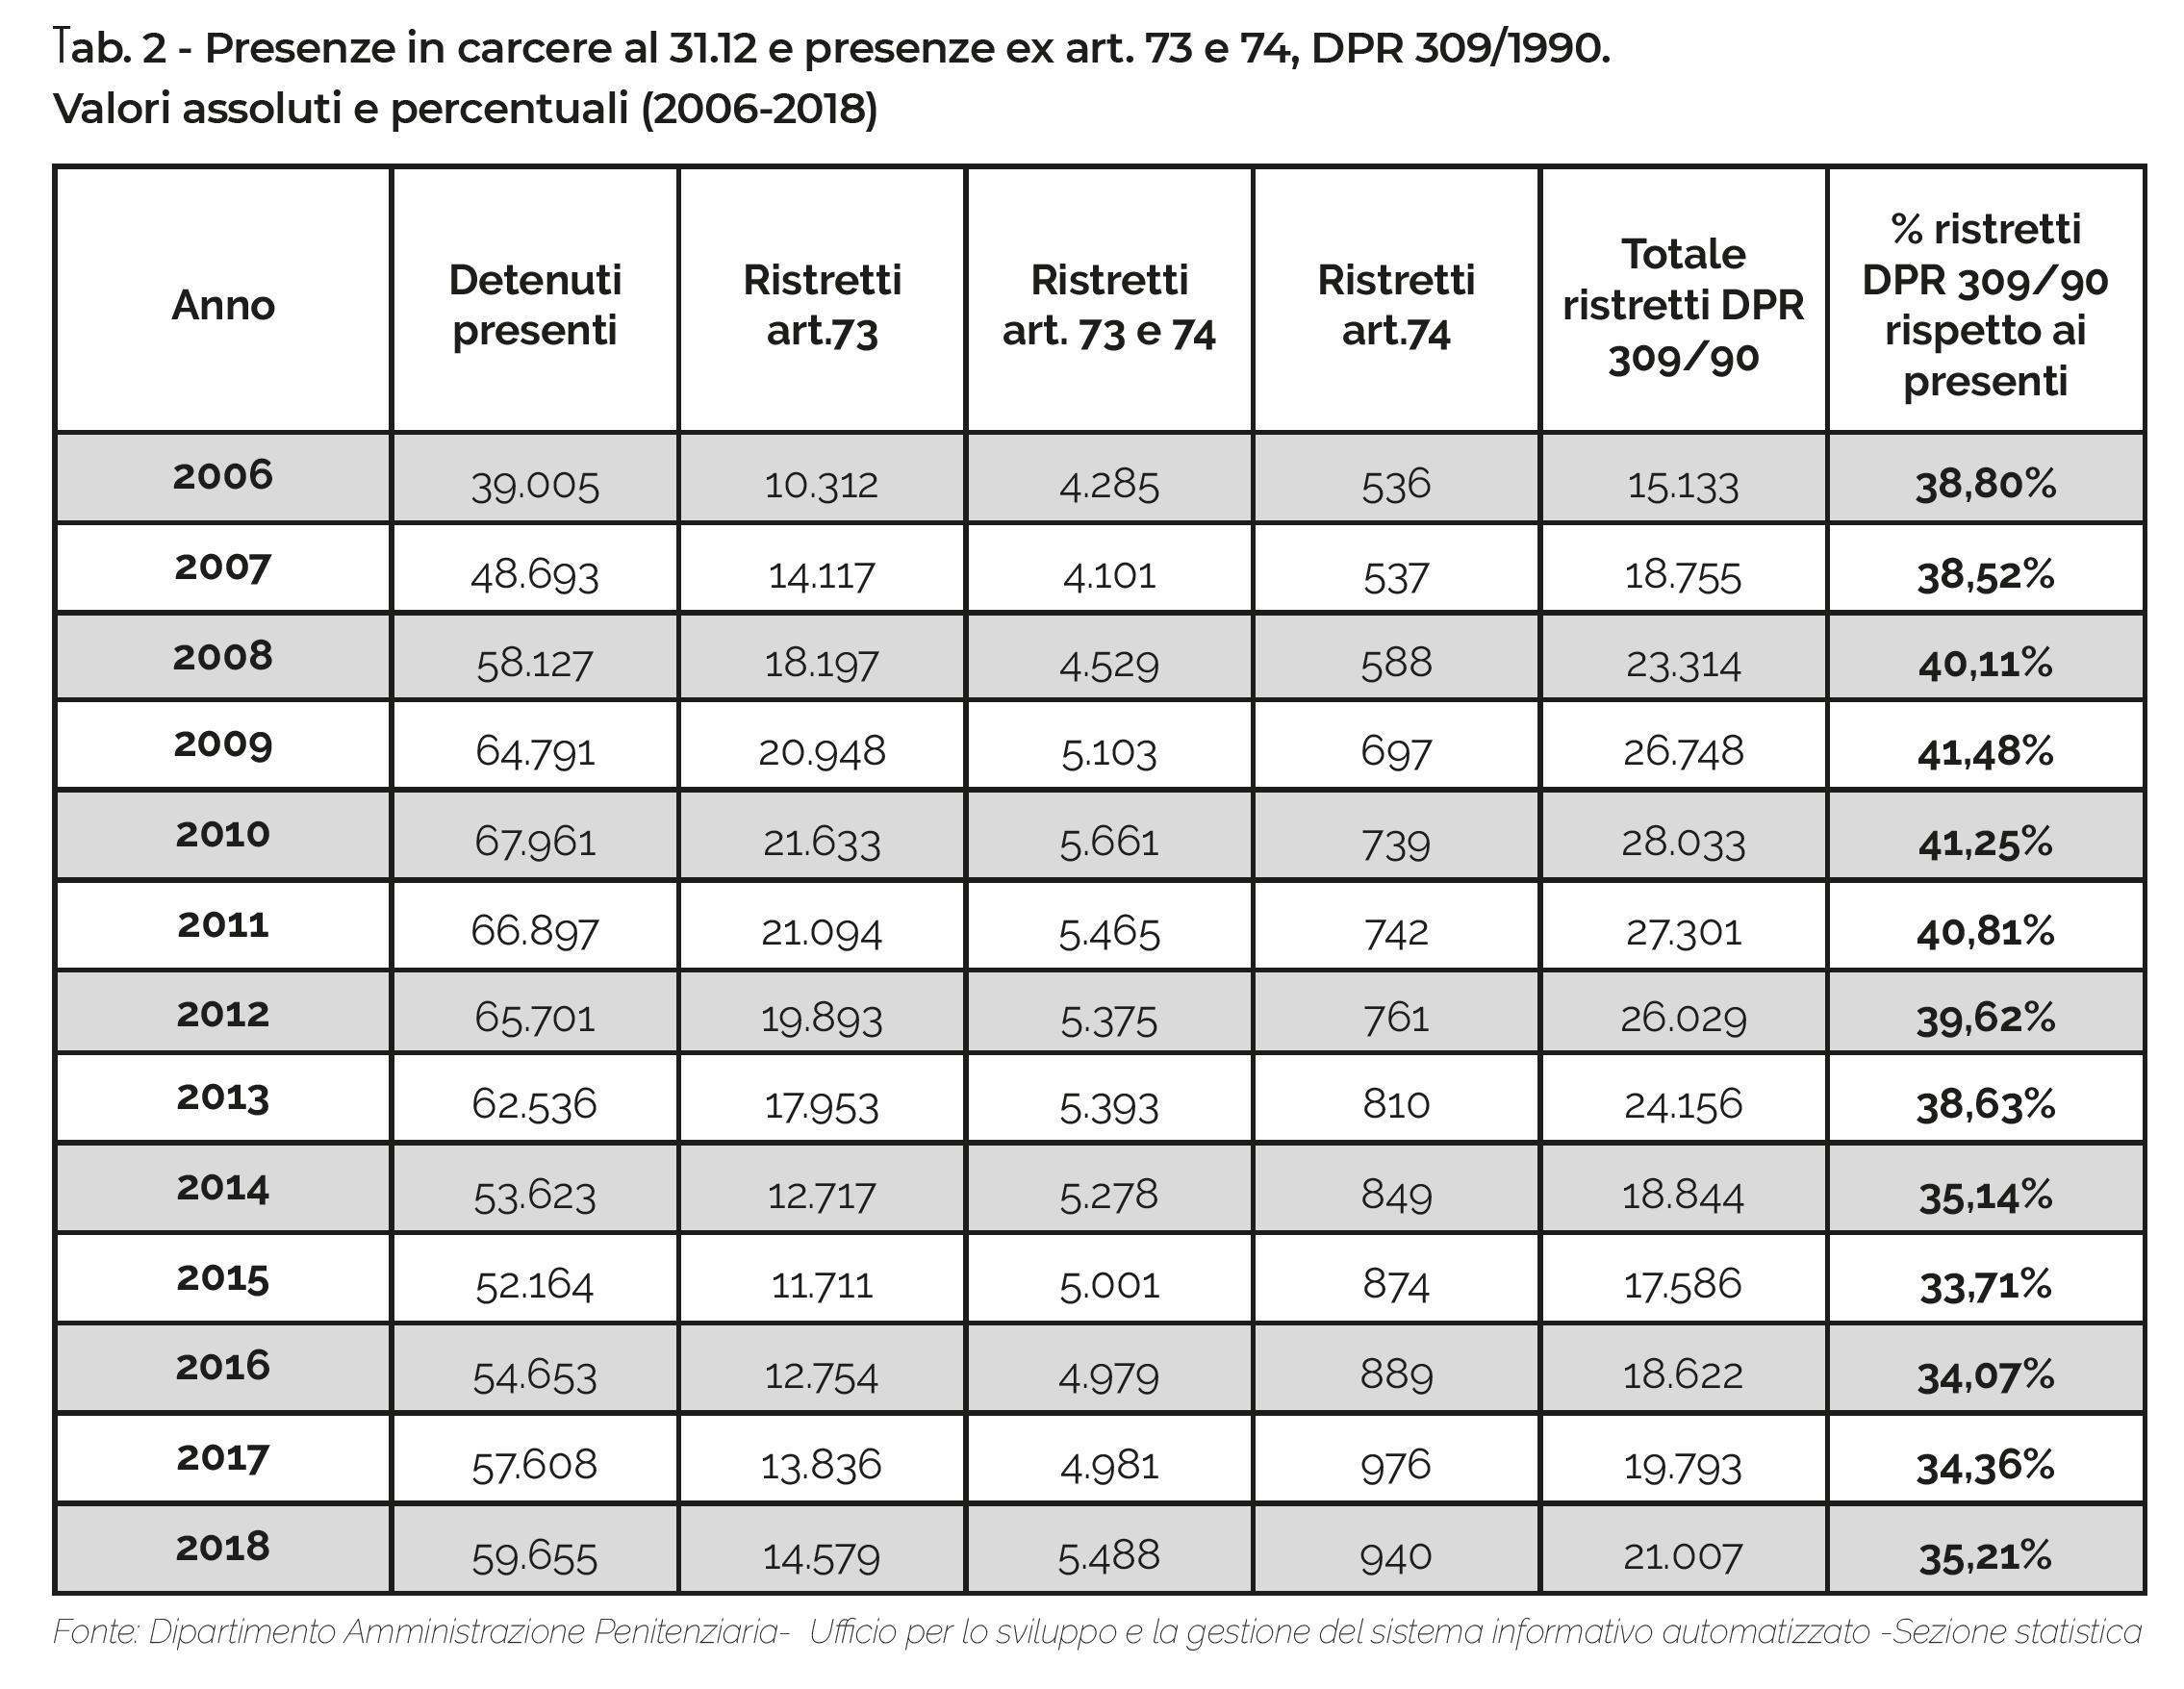 Tab. 2 - Presenze in carcere al 31.12 e presenze ex art. 73 e 74, DPR 309/1990. Valori assoluti e percentuali (2006-2018)